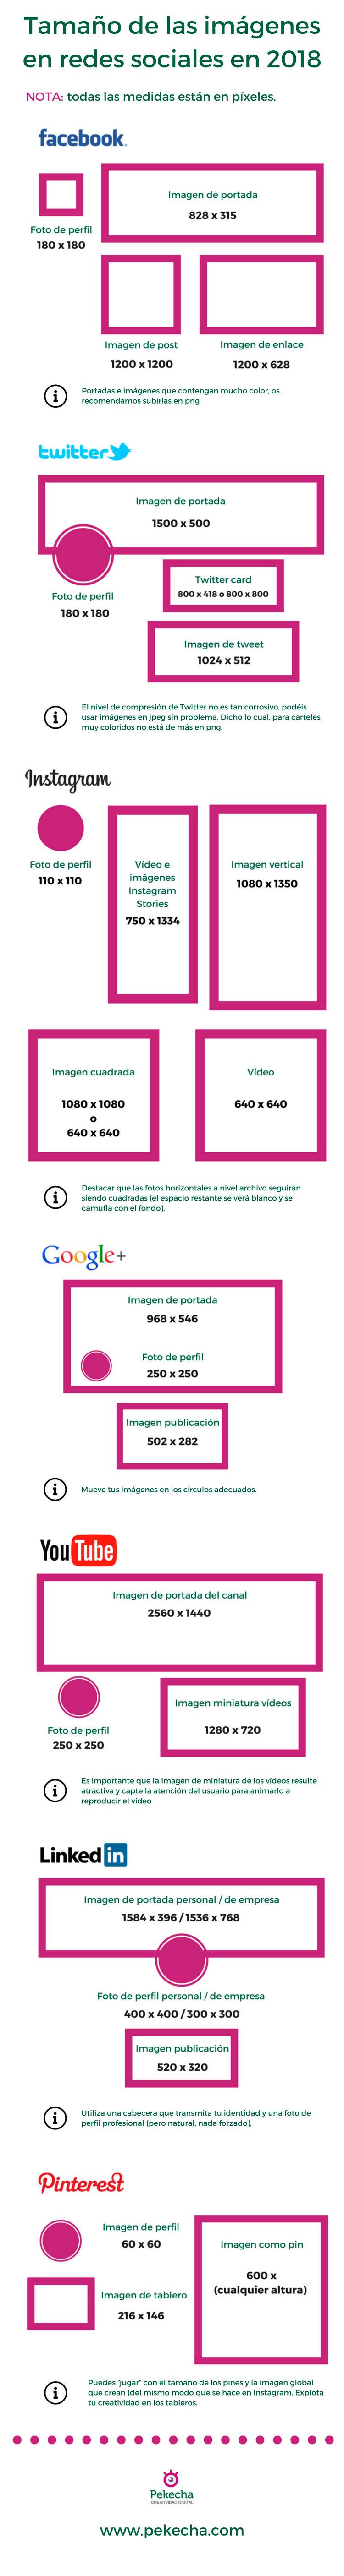 Infografía con el tamaño de las imágenes en redes sociales